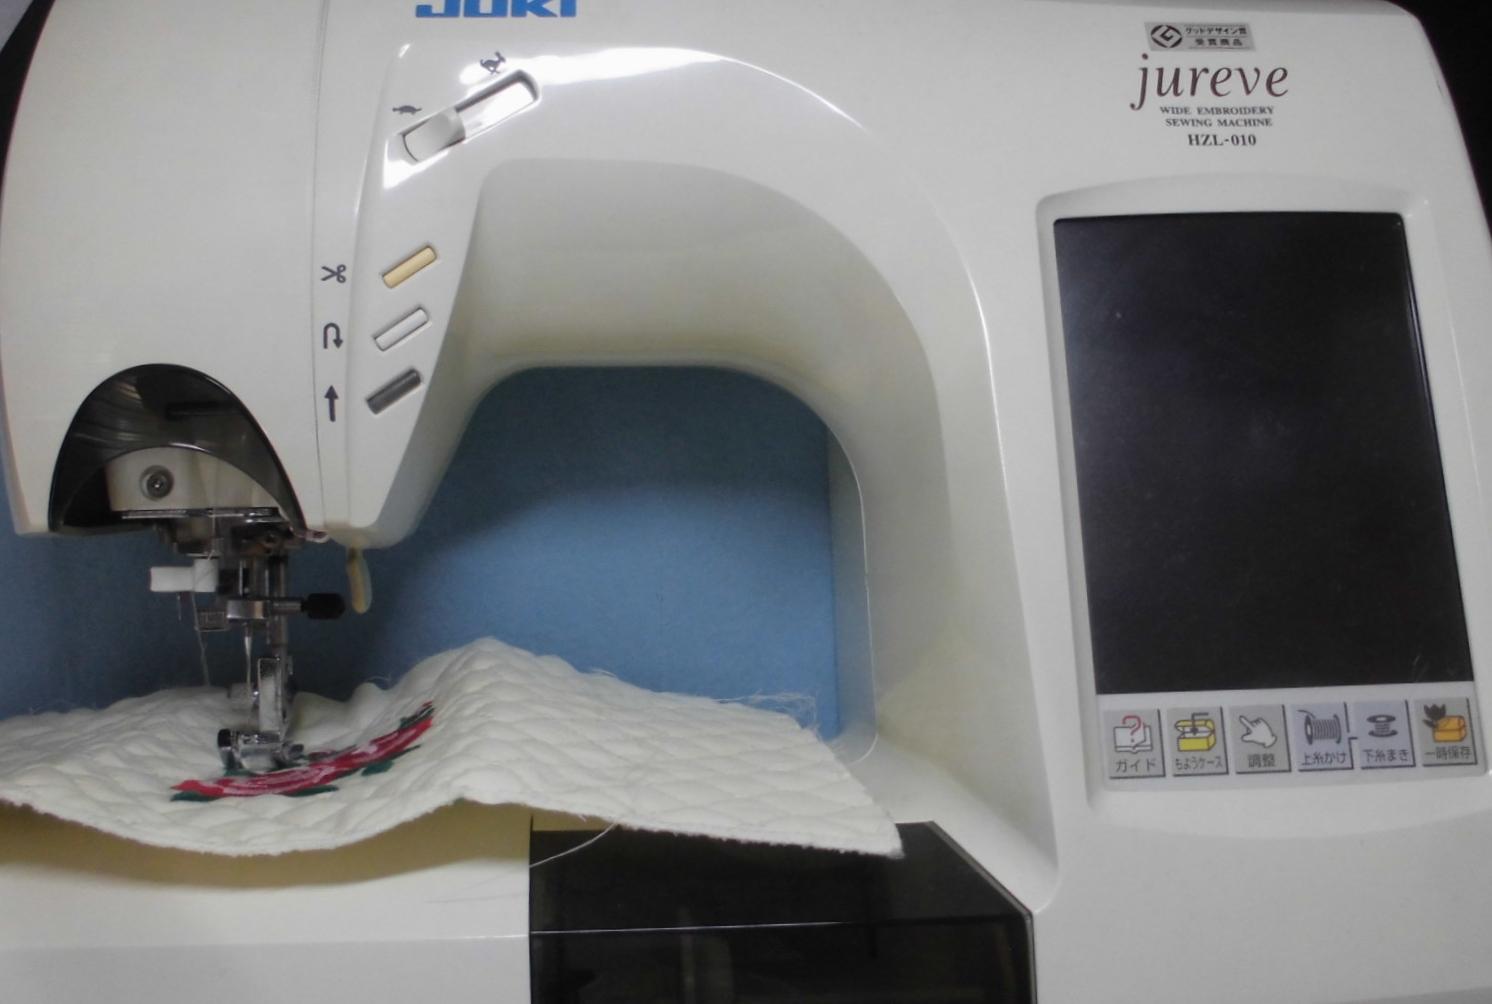 ジューキミシン修理|ジュレーブ HZL-010|スピード調節が出来ない、抵抗基板の故障